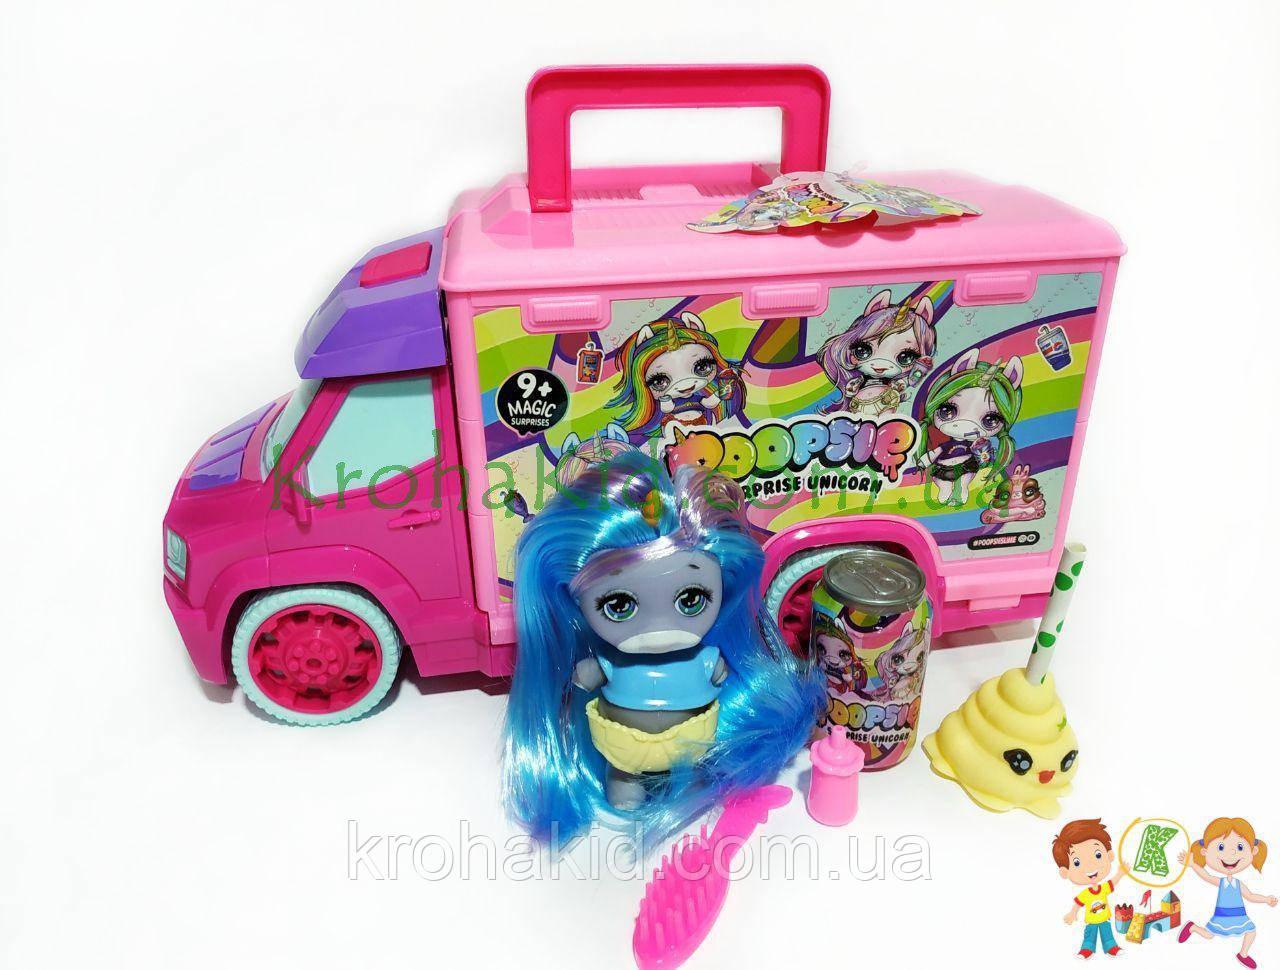 Игровой набор Автобус Пупси Poopsie Единорог со слаймом -  Кукла пупс единорог  - аналог